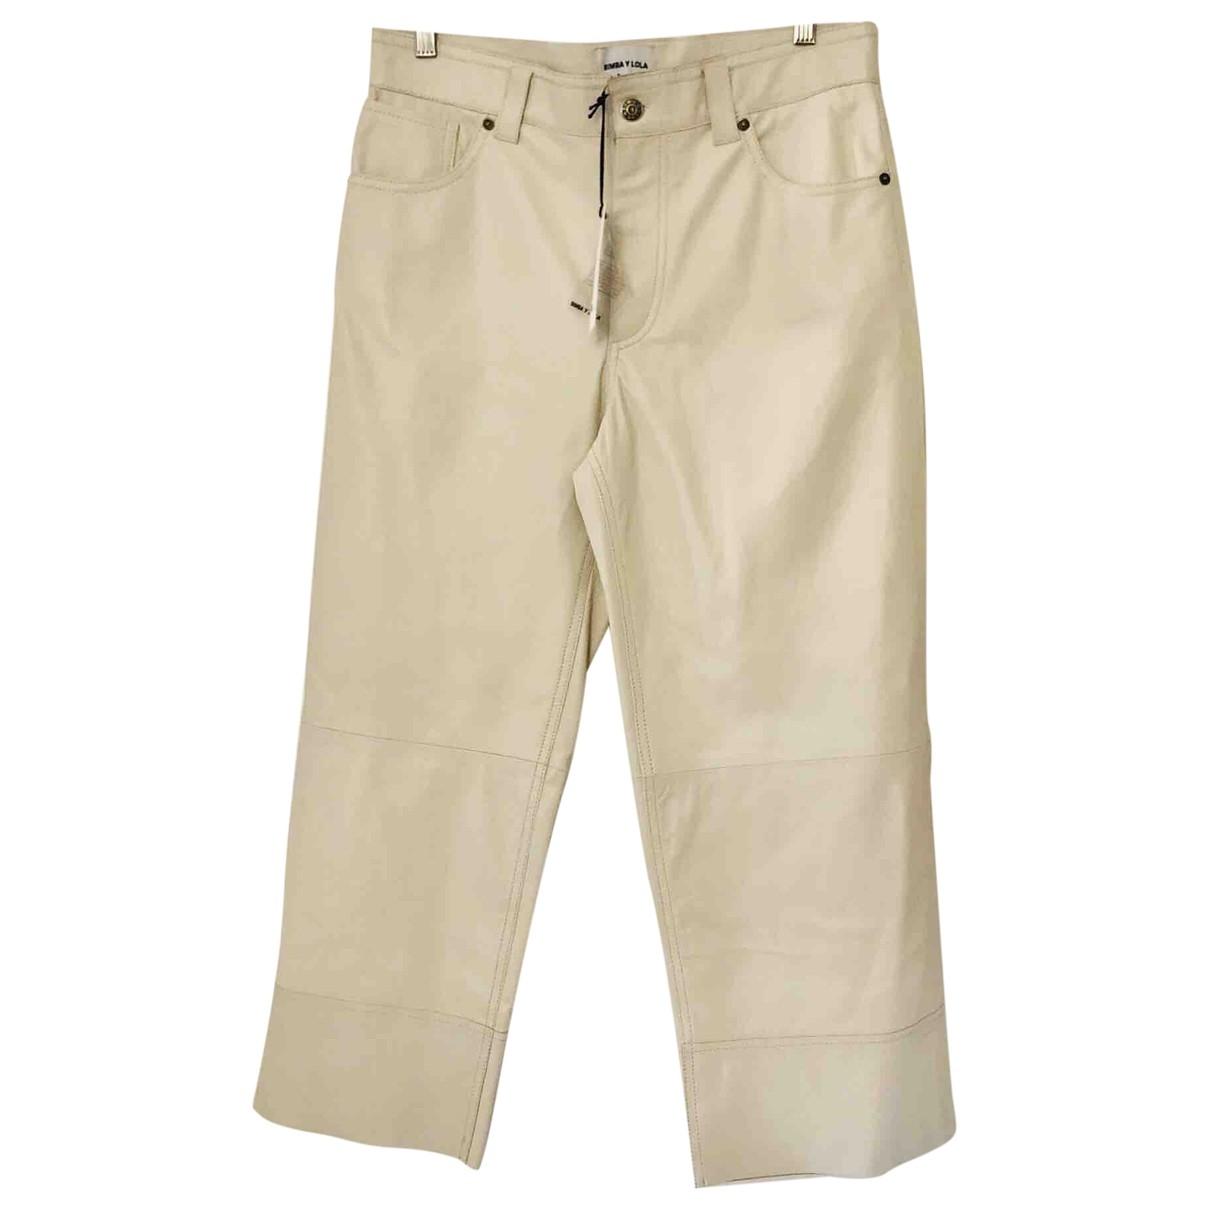 Bimba Y Lola \N Beige Leather Trousers for Women M International